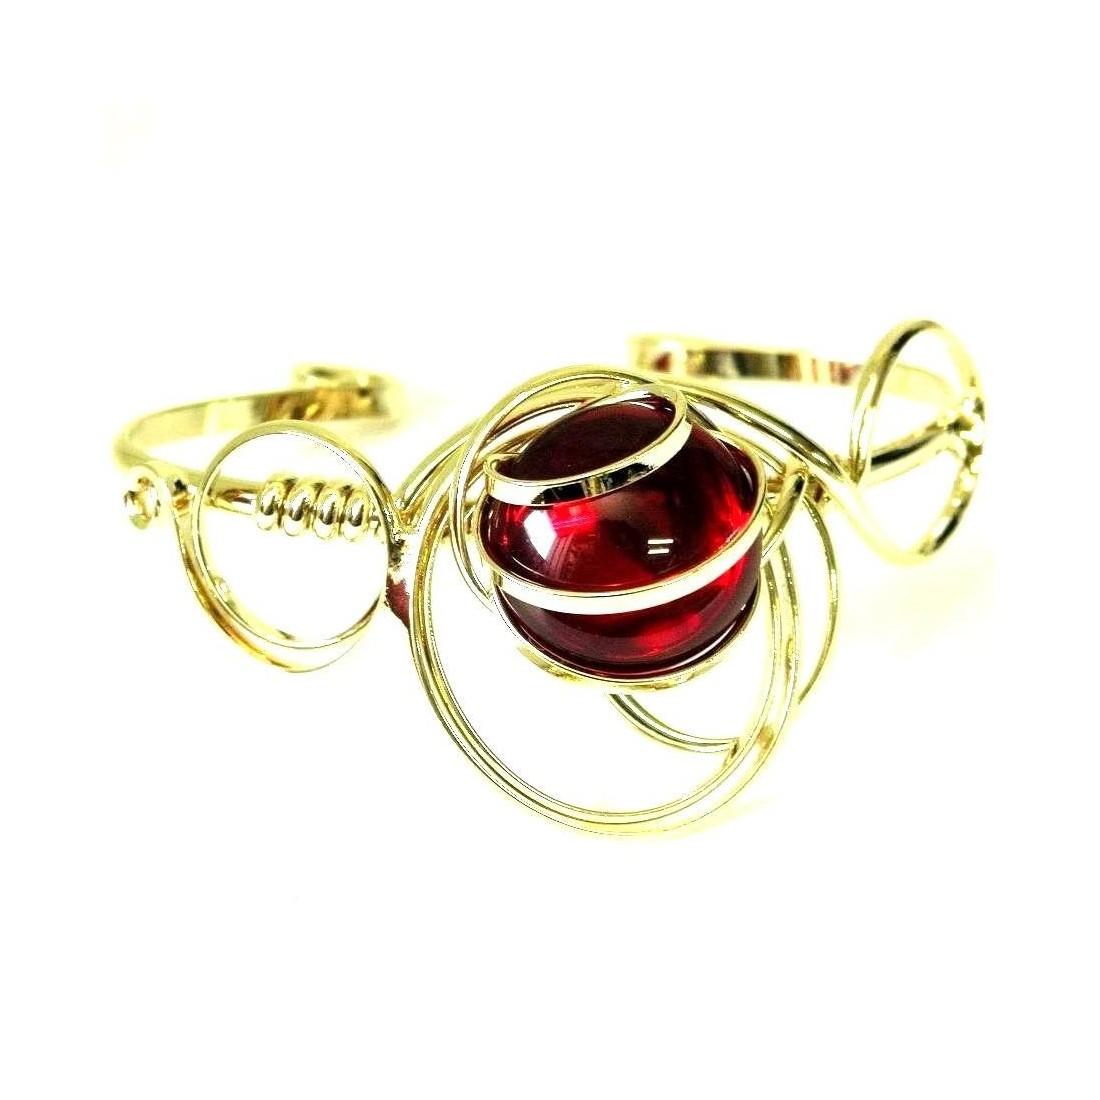 Bracelet forme moderne, doré et rouge rubis